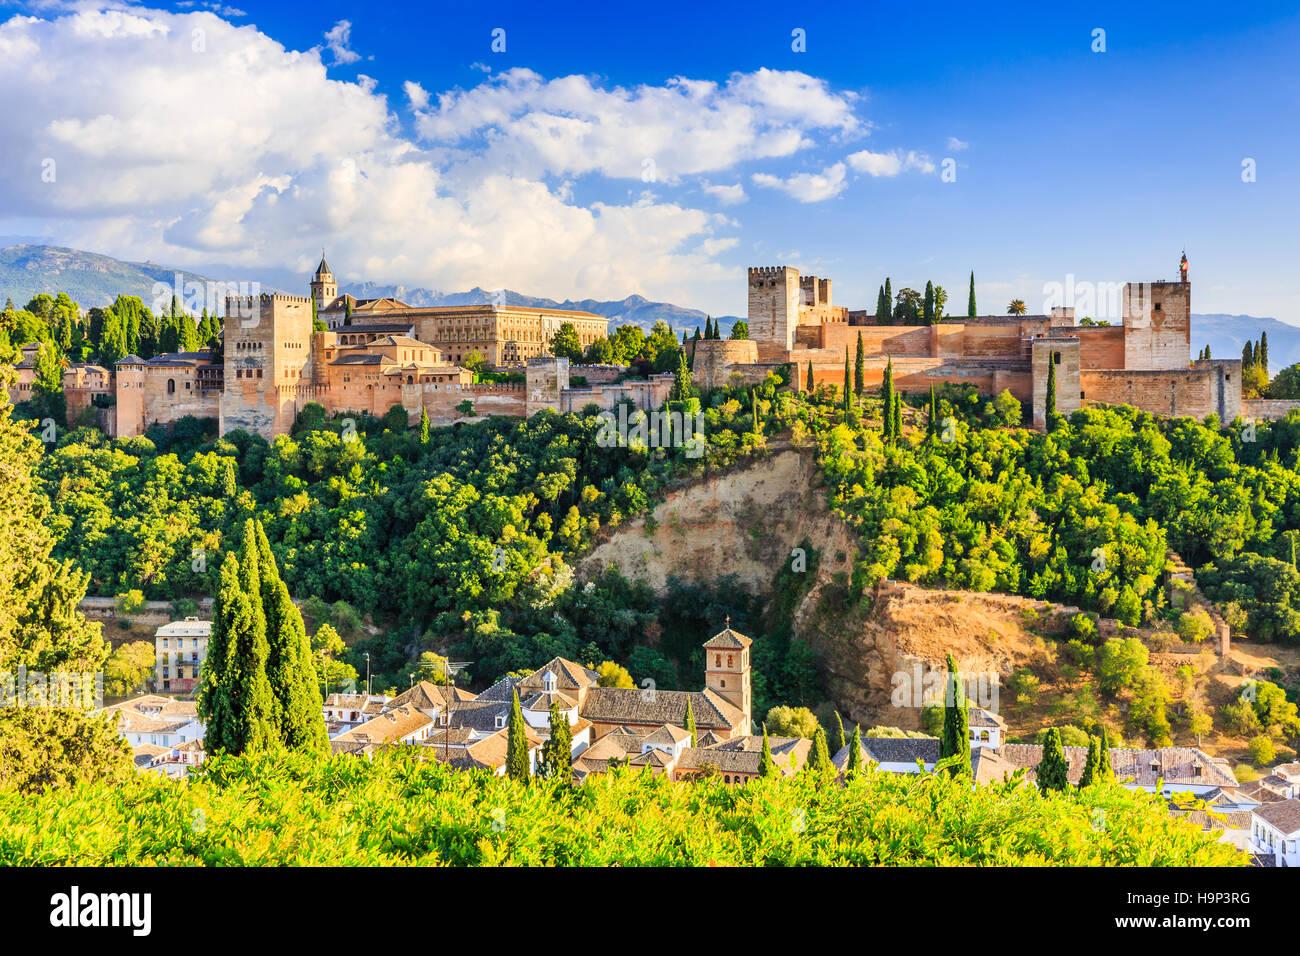 Alhambra di Granada, Spagna. Alhambra fortezza. Immagini Stock